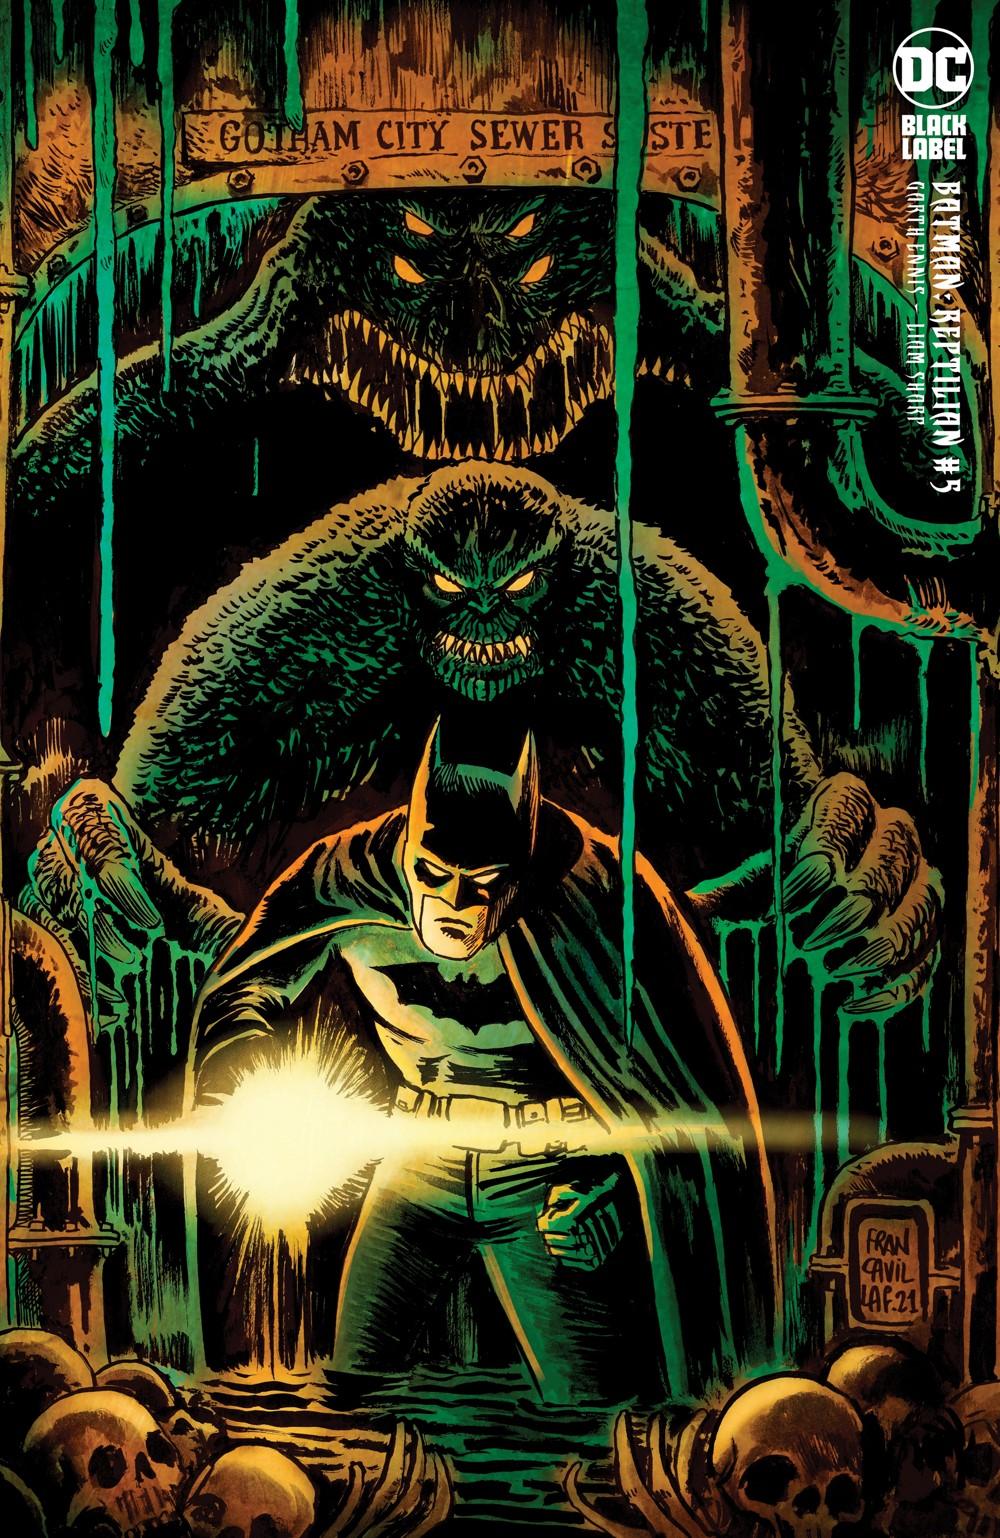 BM_REPT_Cv5_1in25_var_00531 DC Comics October 2021 Solicitations